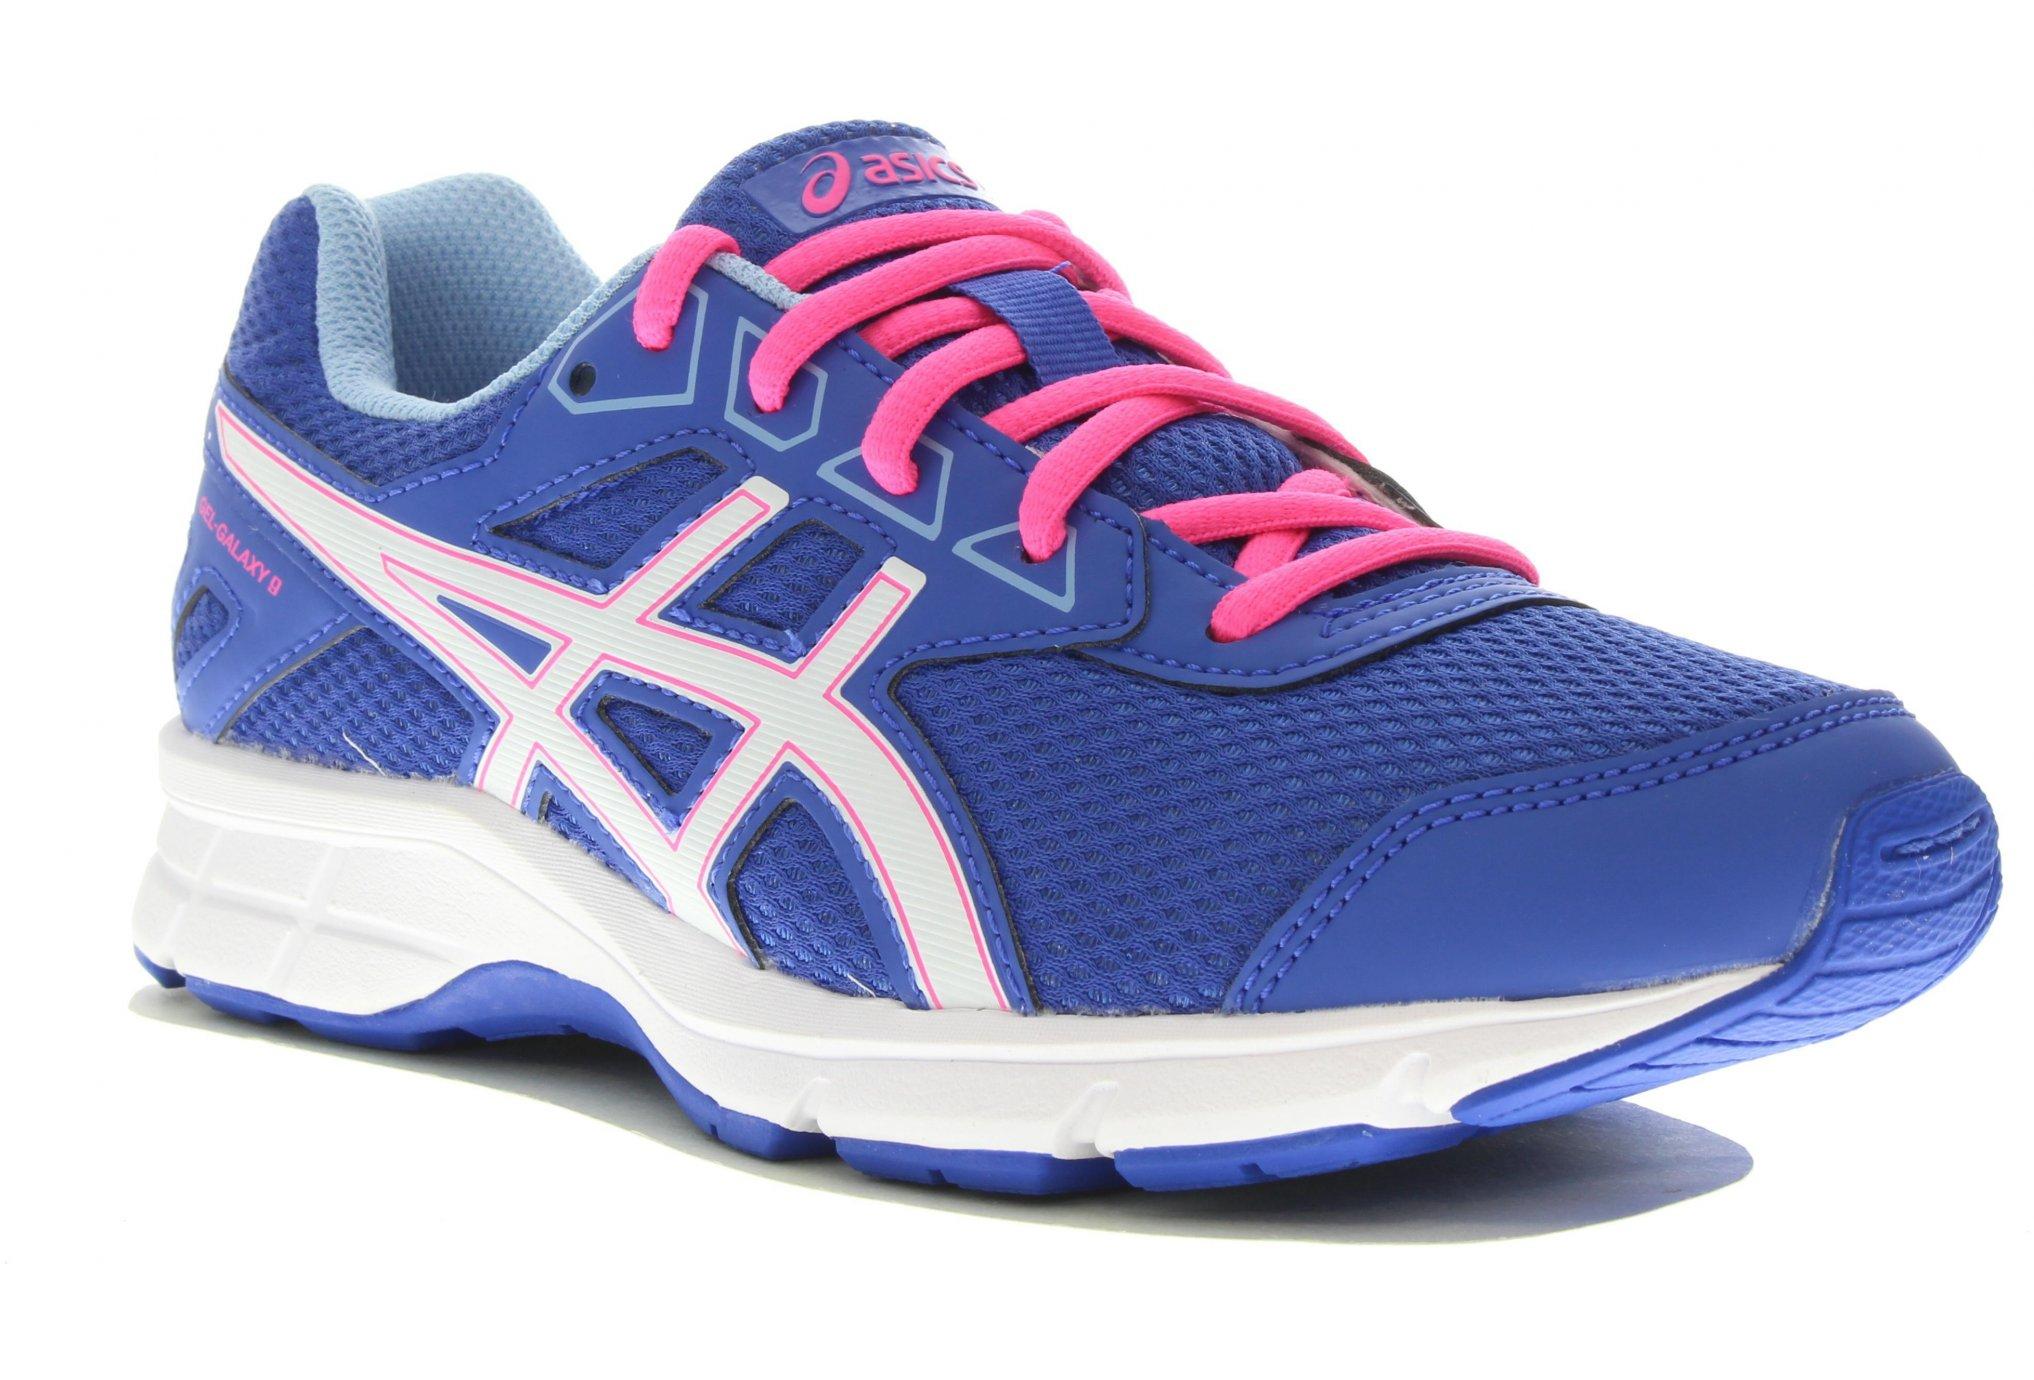 Resathlon Asics Galaxy 9 GS Chaussures running femme